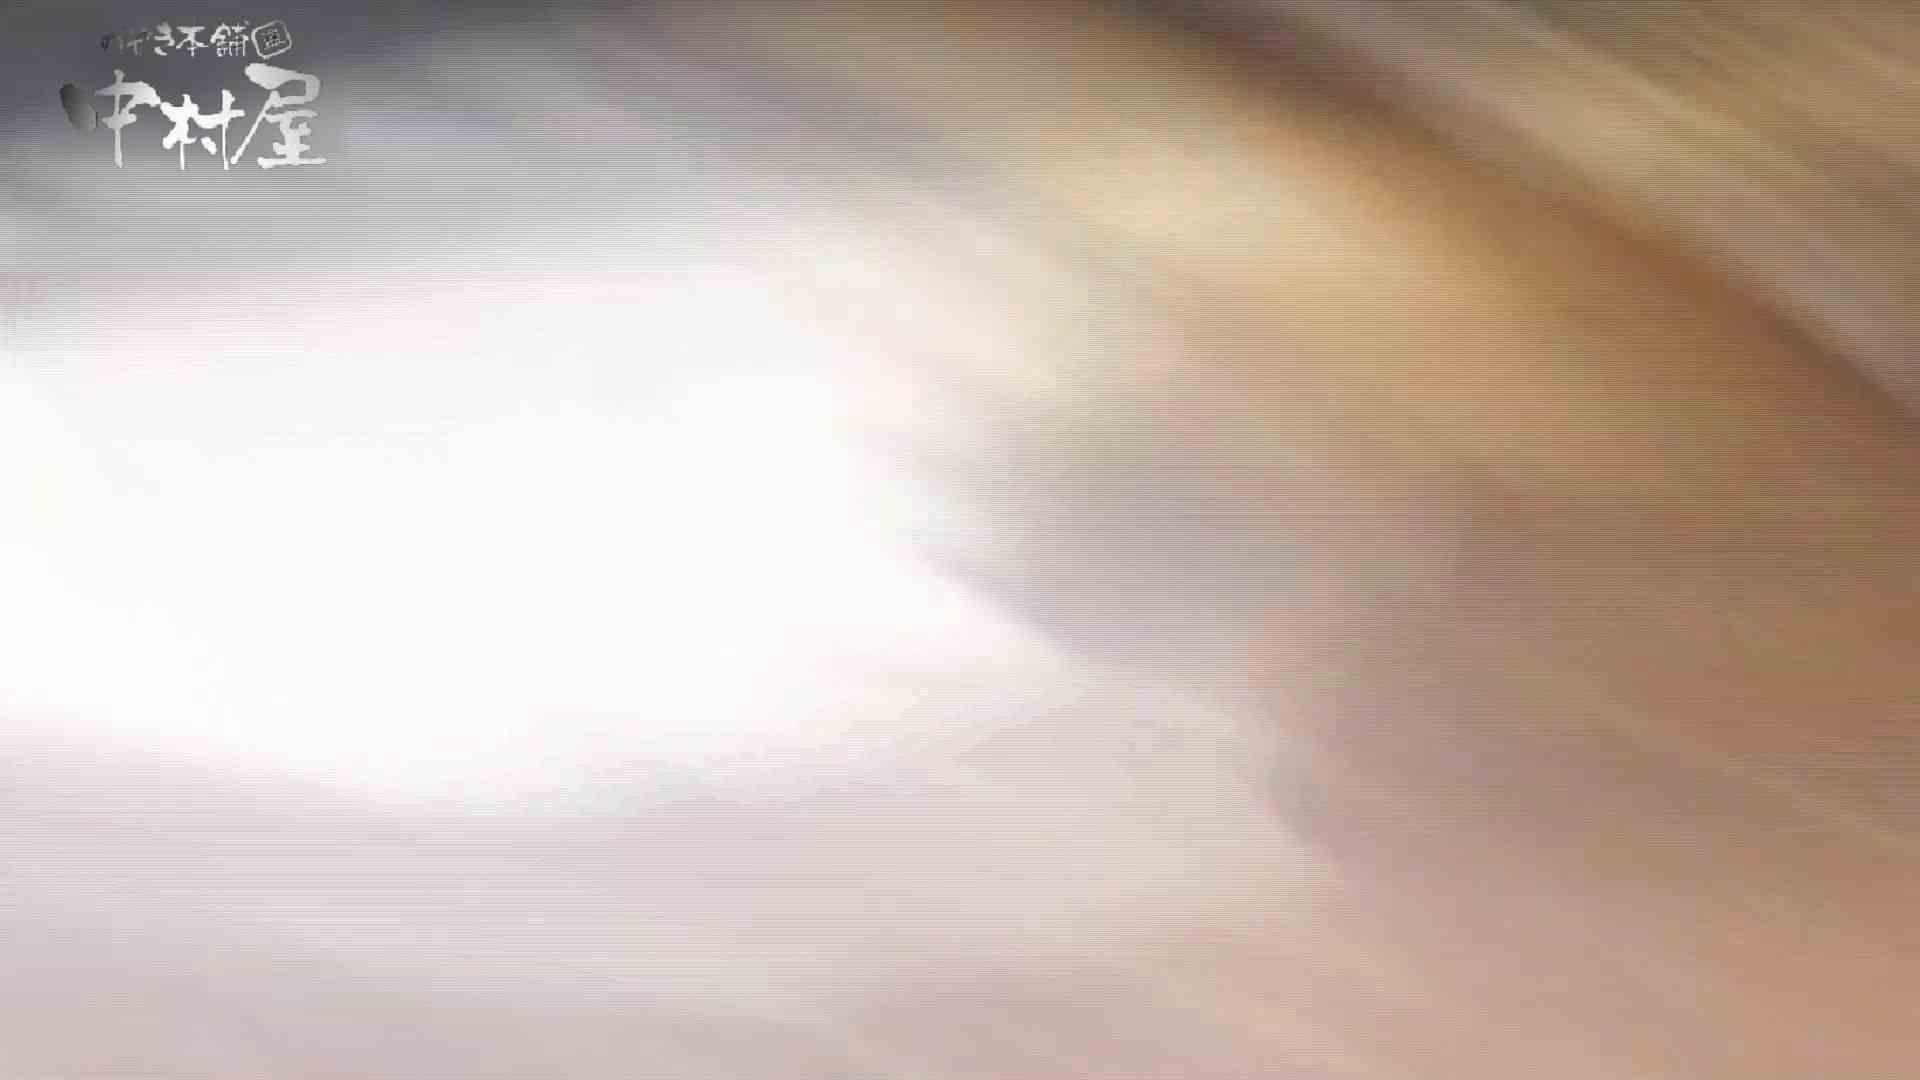 【世界の射窓から~ステーション編~】ステーション編 vol52 我慢して個室に入ったら。||:-)!! 盗撮特集 | おまんこ  79画像 25